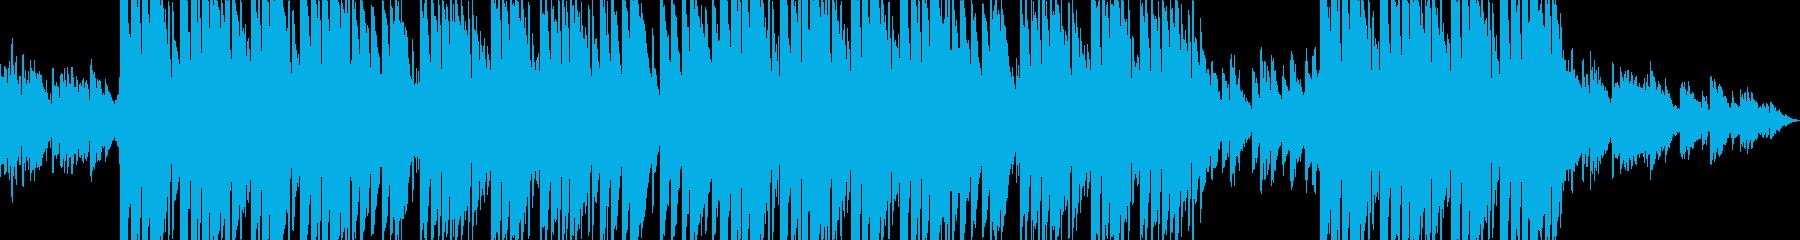 チルなベルサウンドが印象的なトラップの再生済みの波形